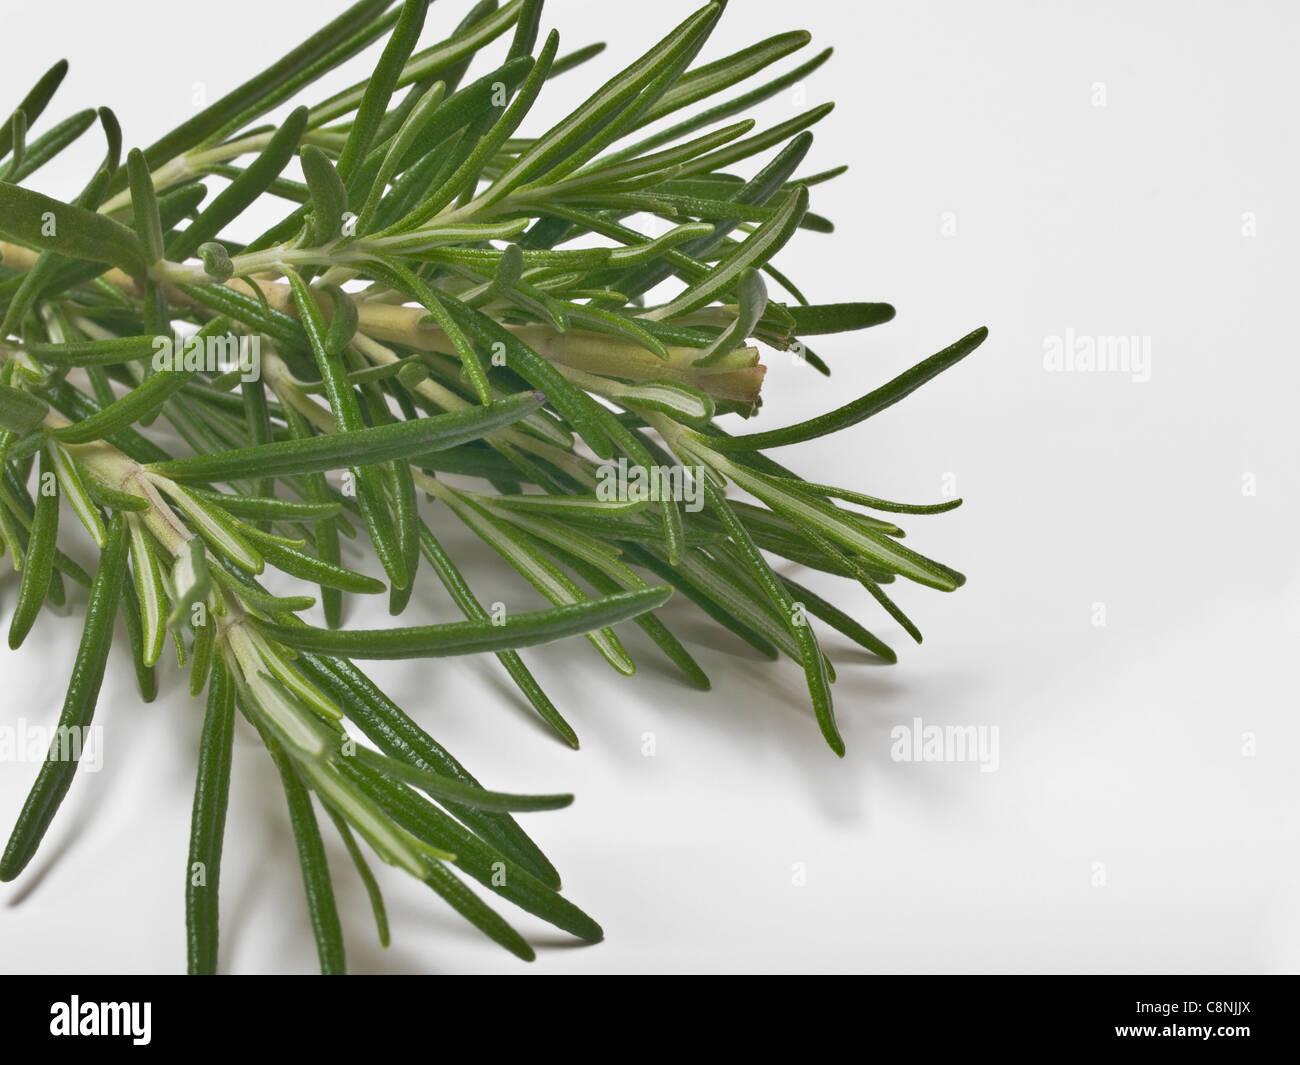 Detailansicht von Rosmarin-Zweigen | Detail-Foto von Rosmarin Zweige Stockbild